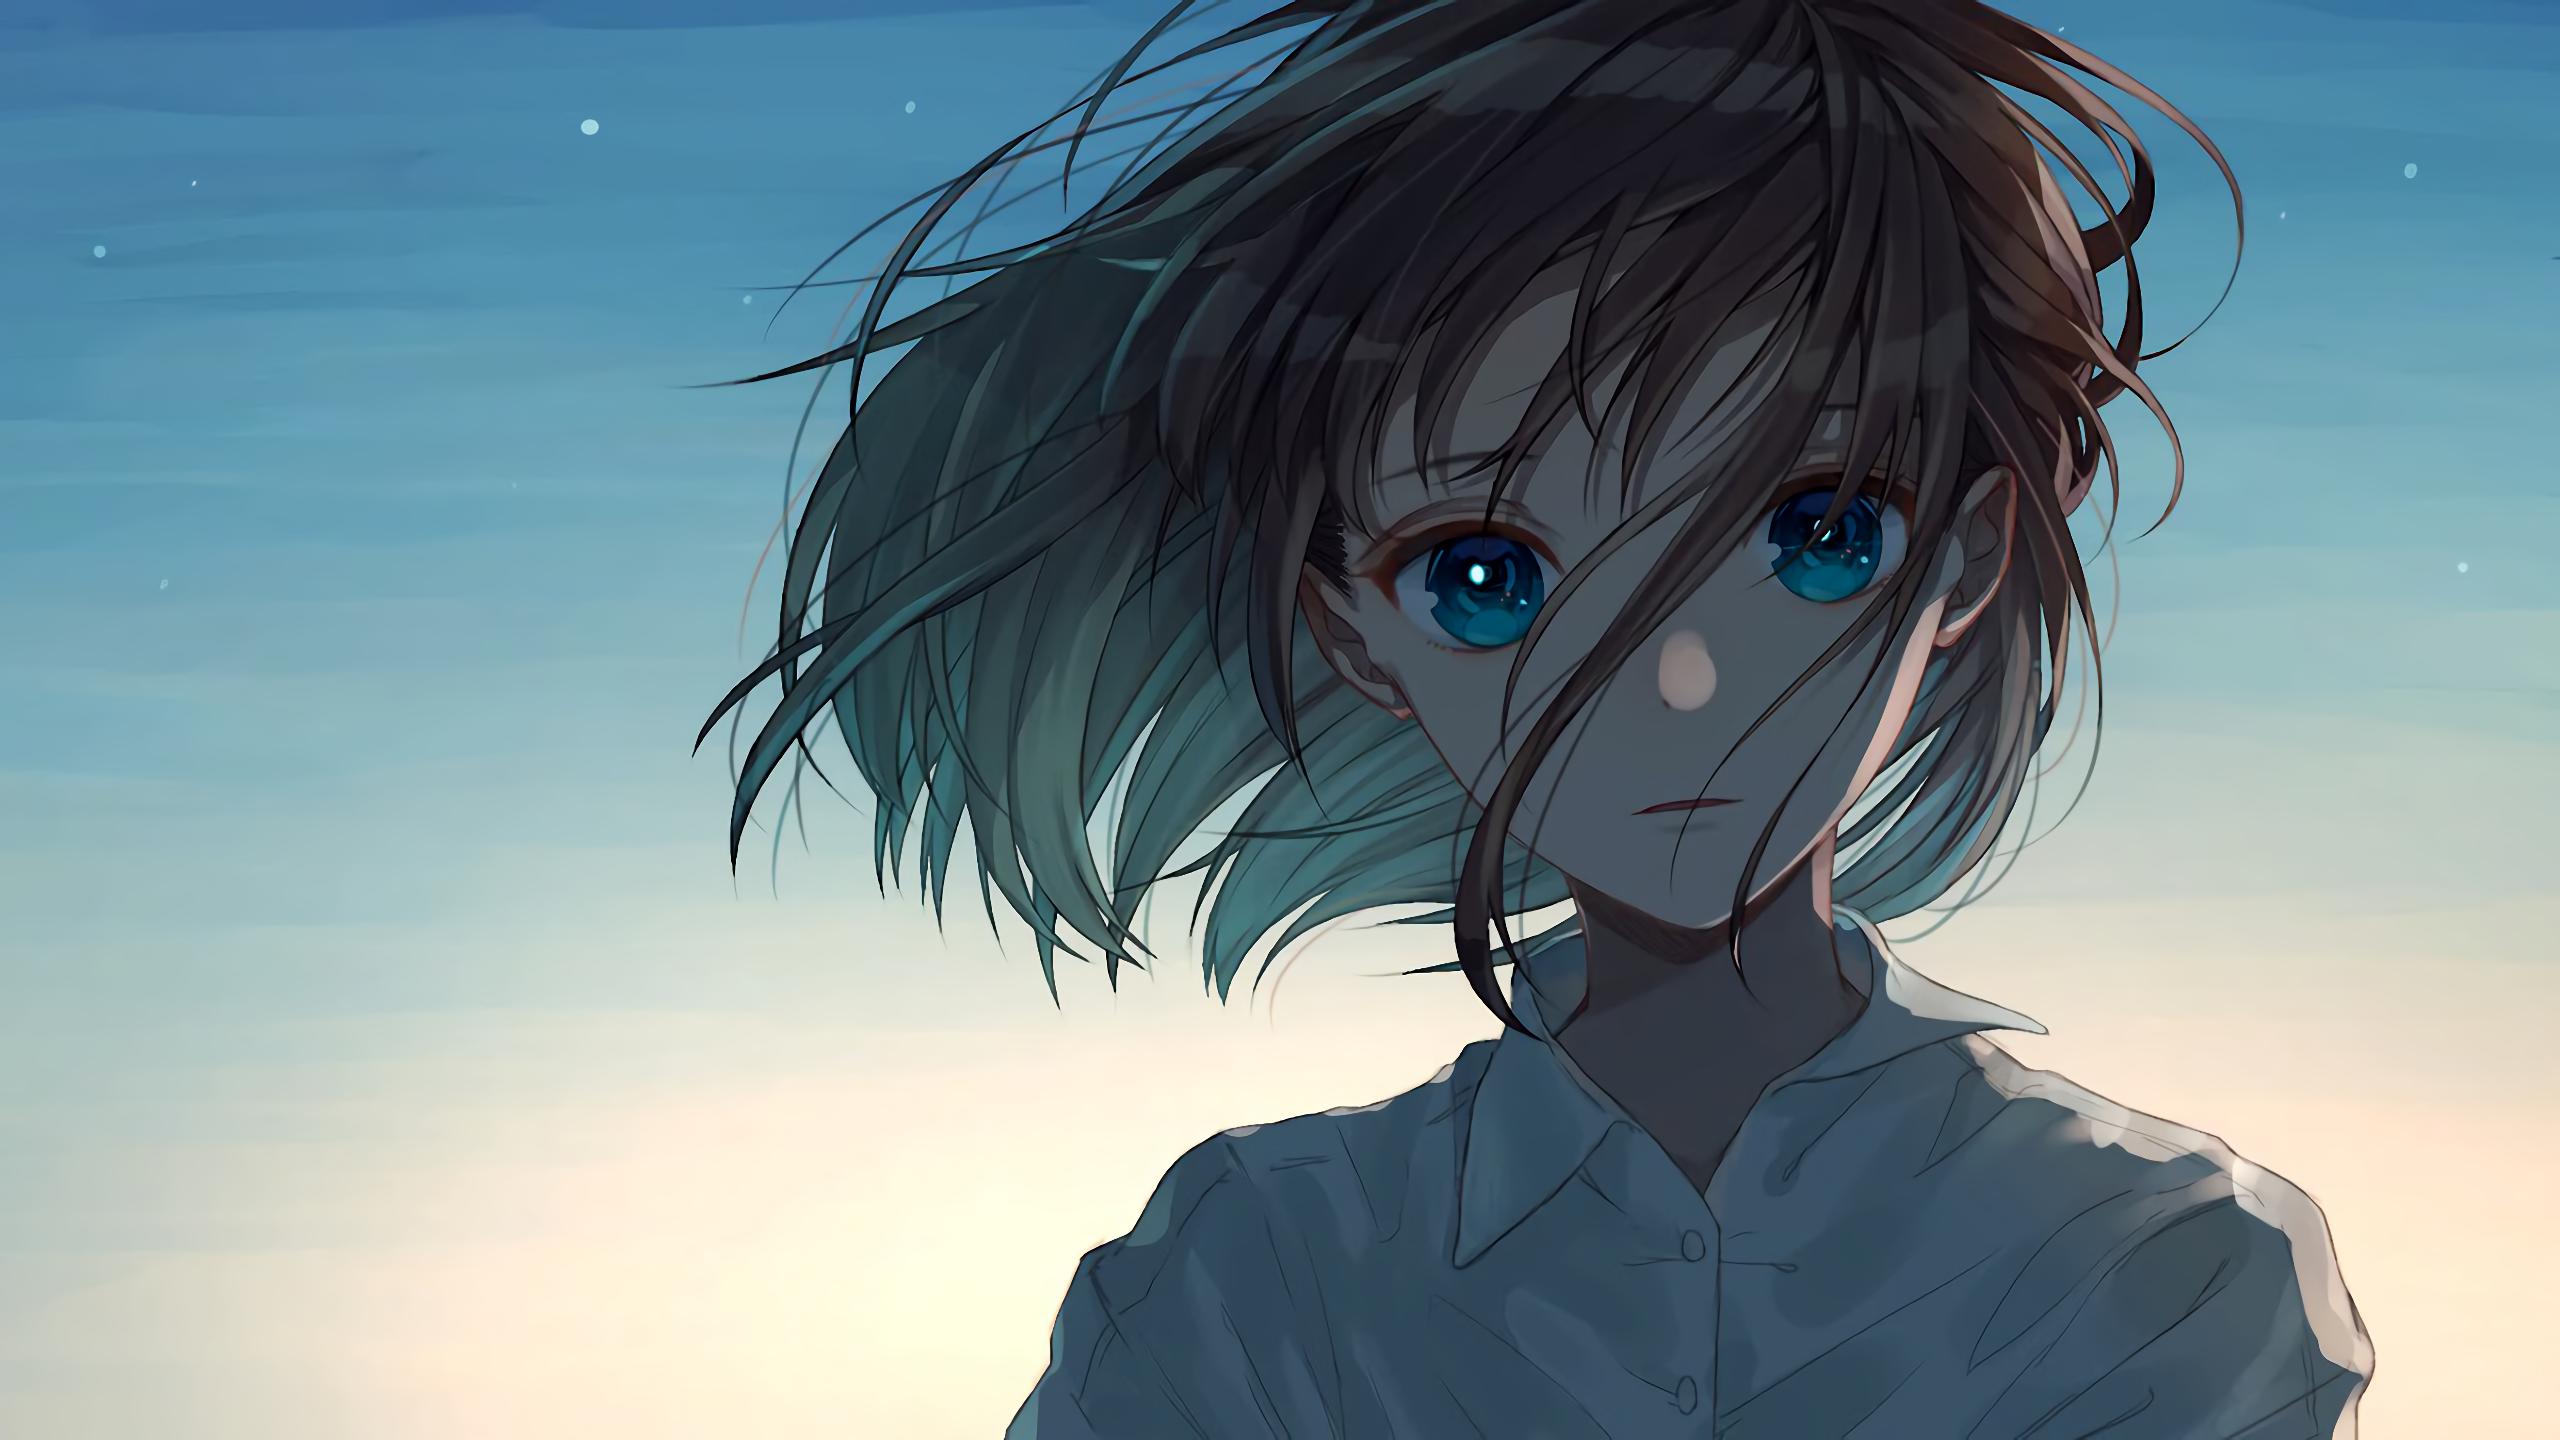 Wallpaper Anime Girls Short Hair Blue Eyes 2560x1440 Starkalakar 1873819 Hd Wallpapers Wallhere